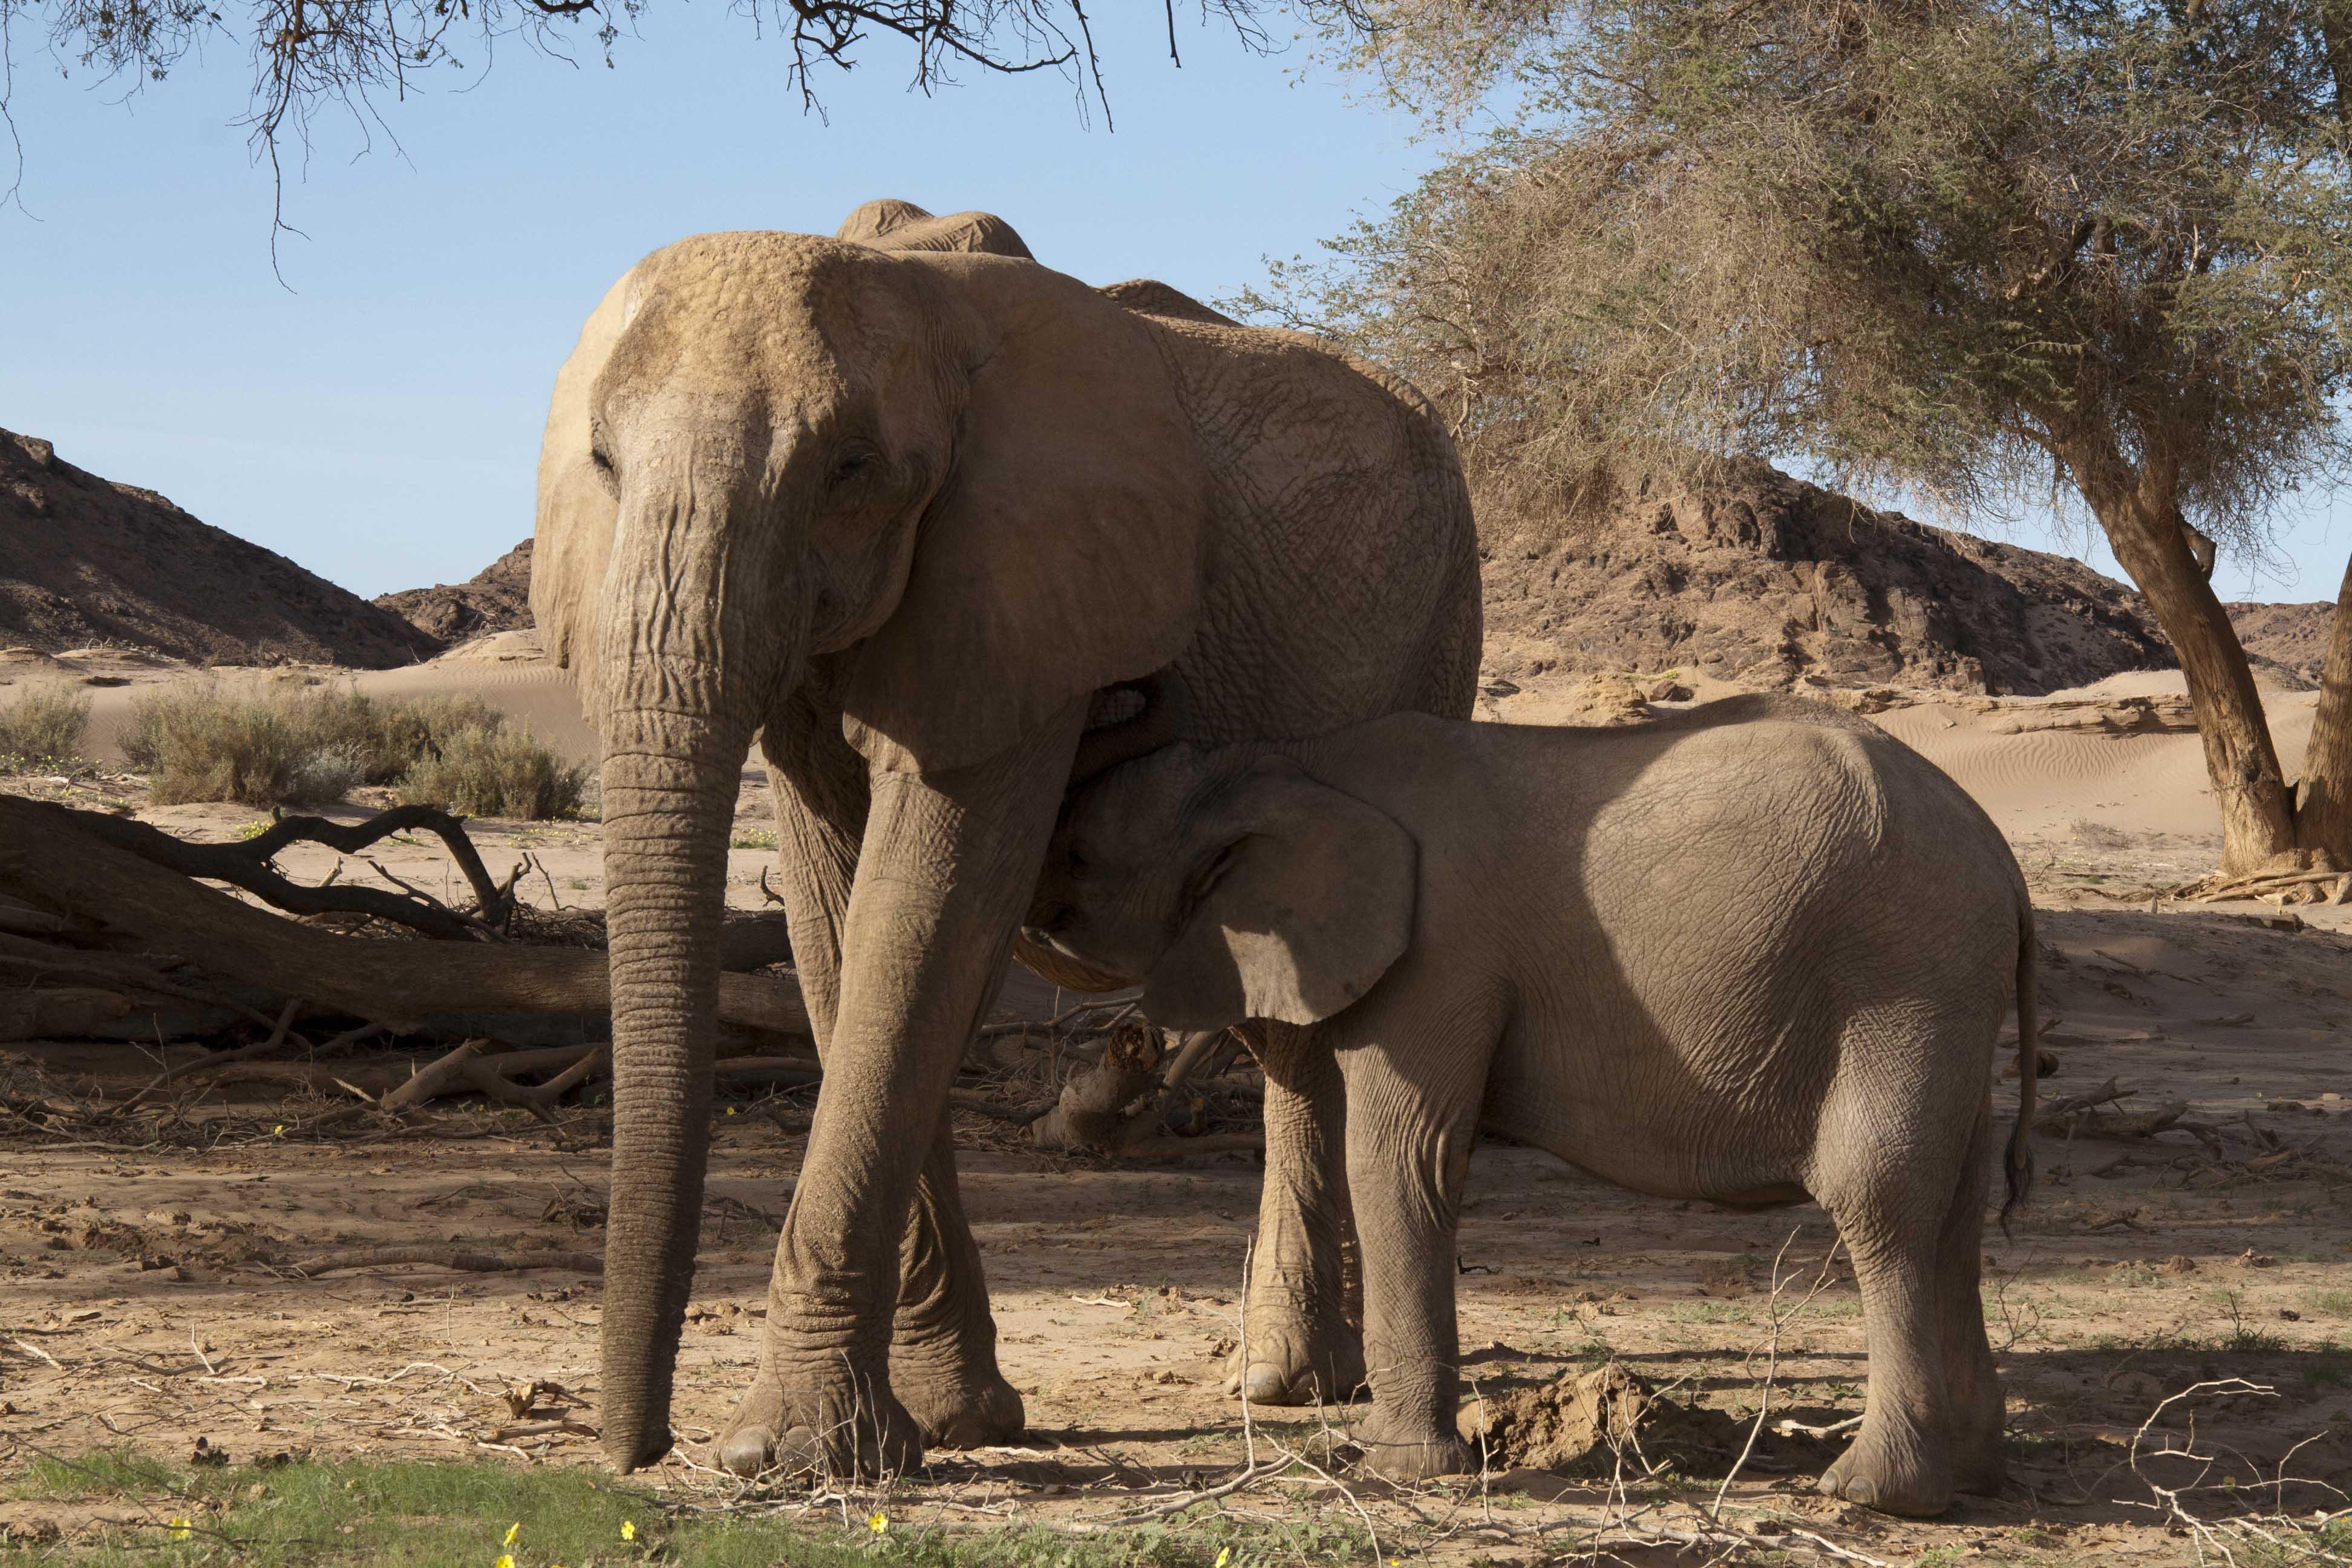 to shoot an elephant